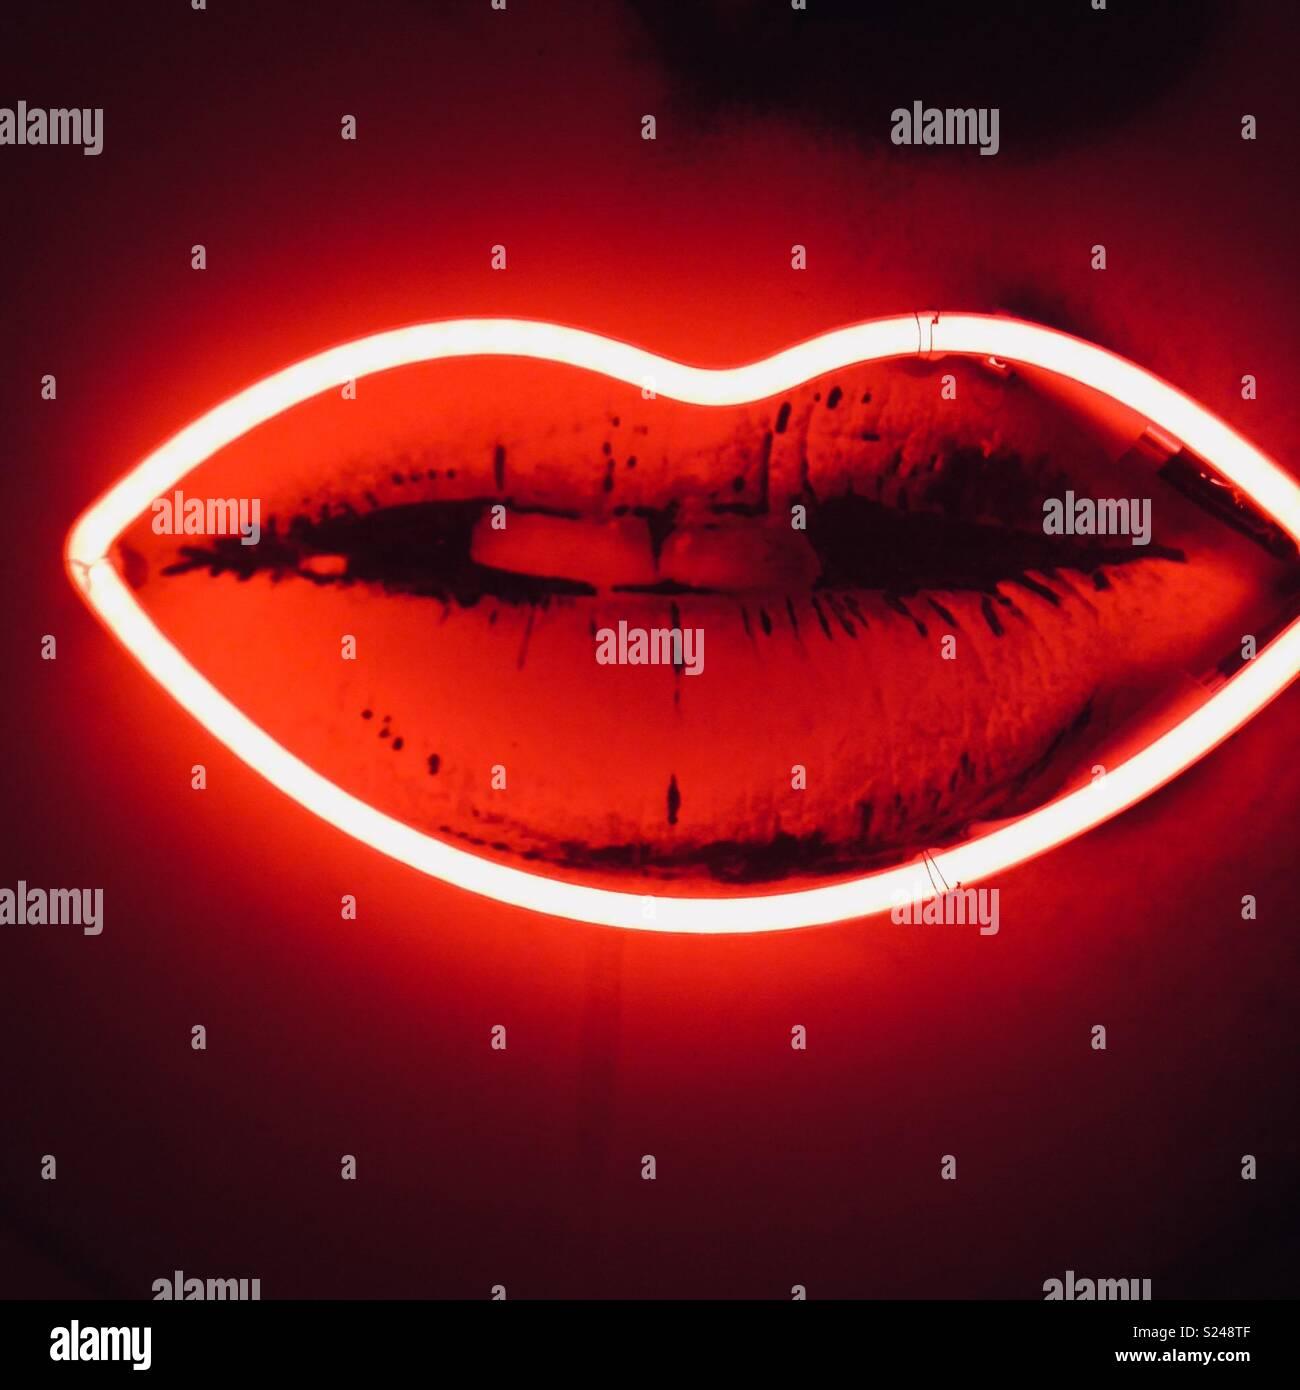 Los labios rojo neón Imagen De Stock